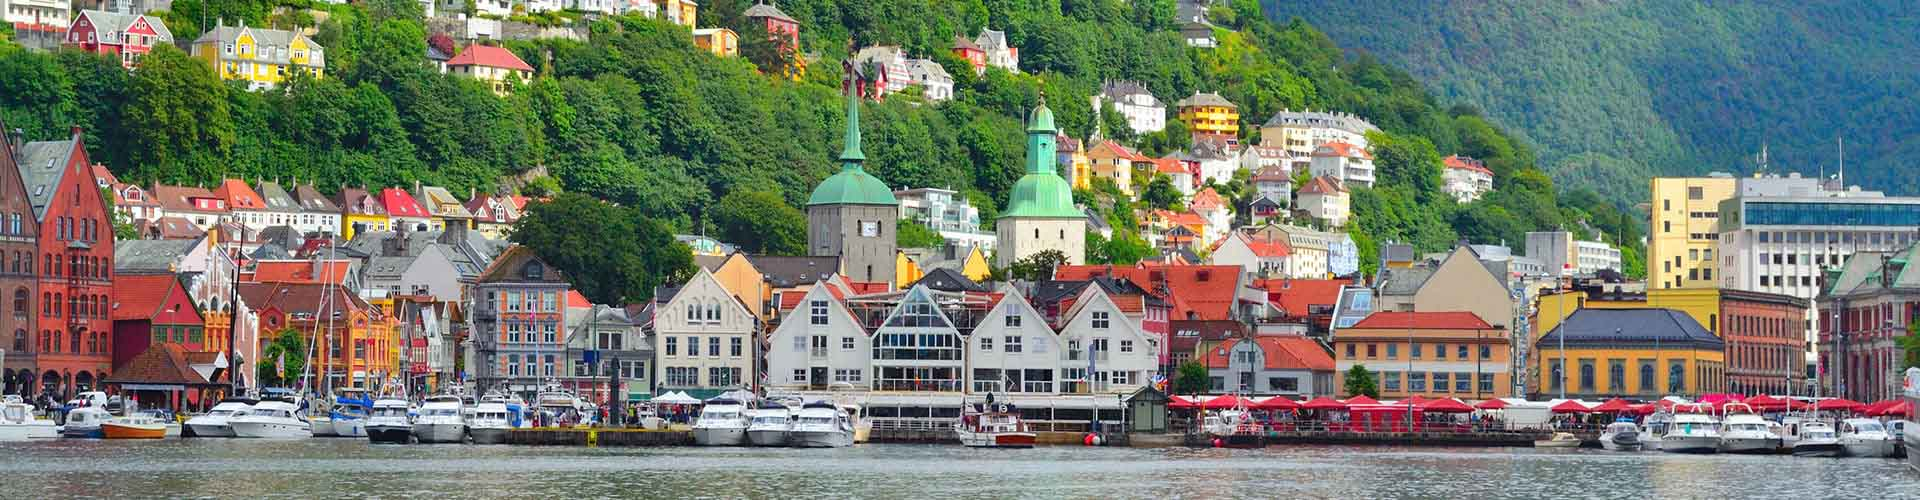 Bergen - Chambres à Bergen. Cartes pour Bergen, photos et commentaires pour chaque chambre à Bergen.